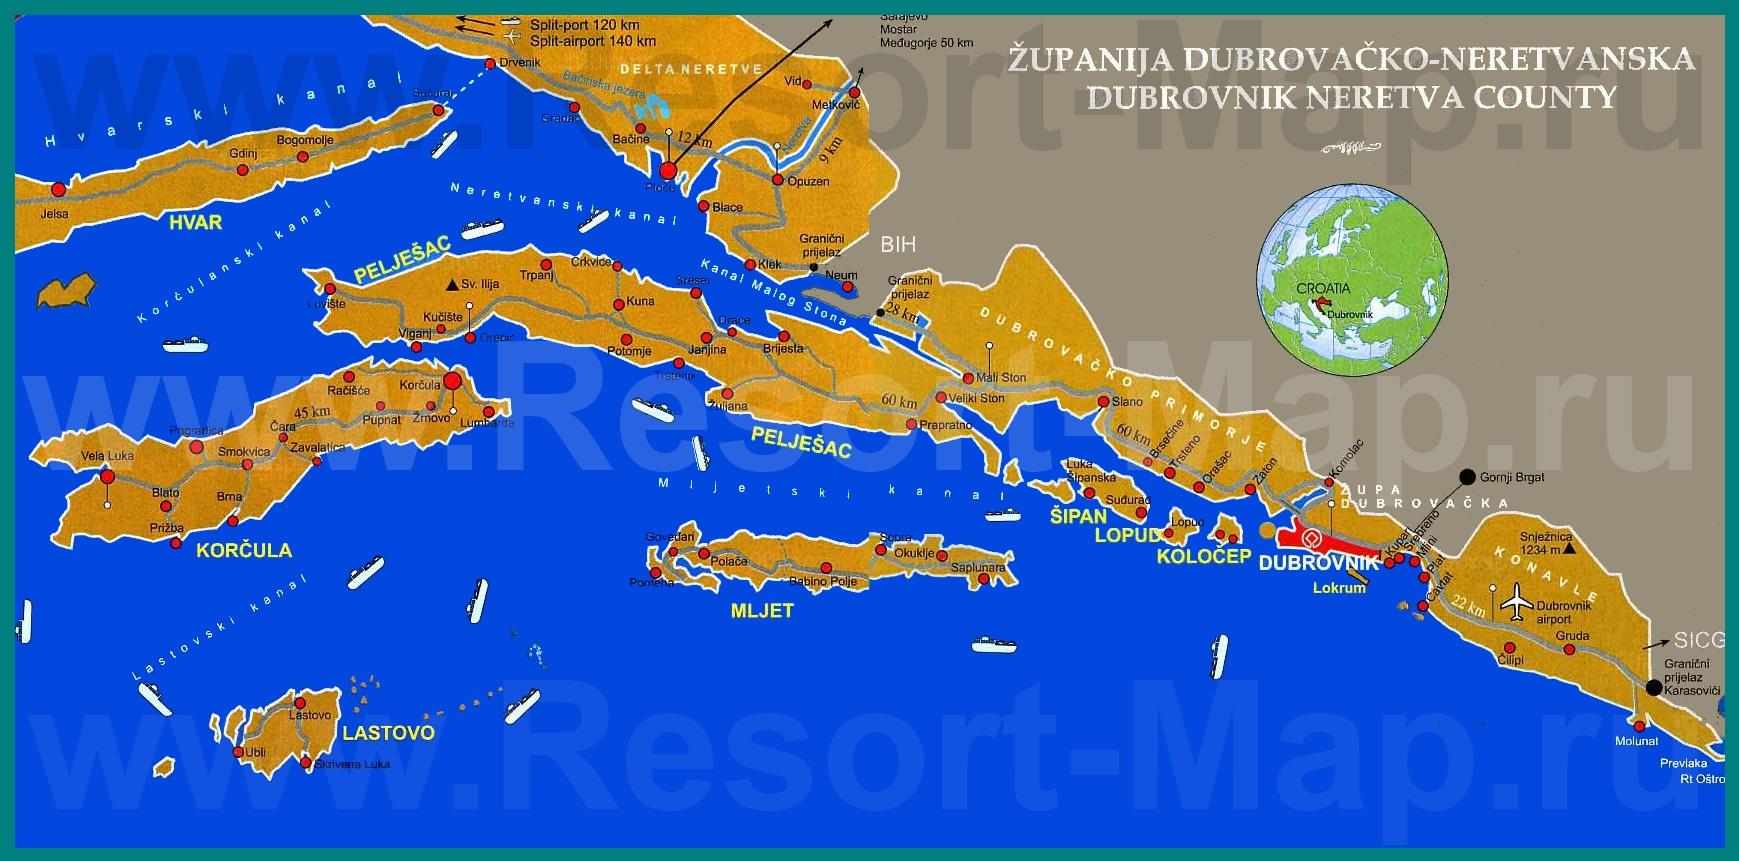 Подробная карта Южной Далмации: http://resort-map.ru/horvatia/karta-yujnoy-dalmacii/podrobnaya-karta-yujnoy-dalmacii.shtml